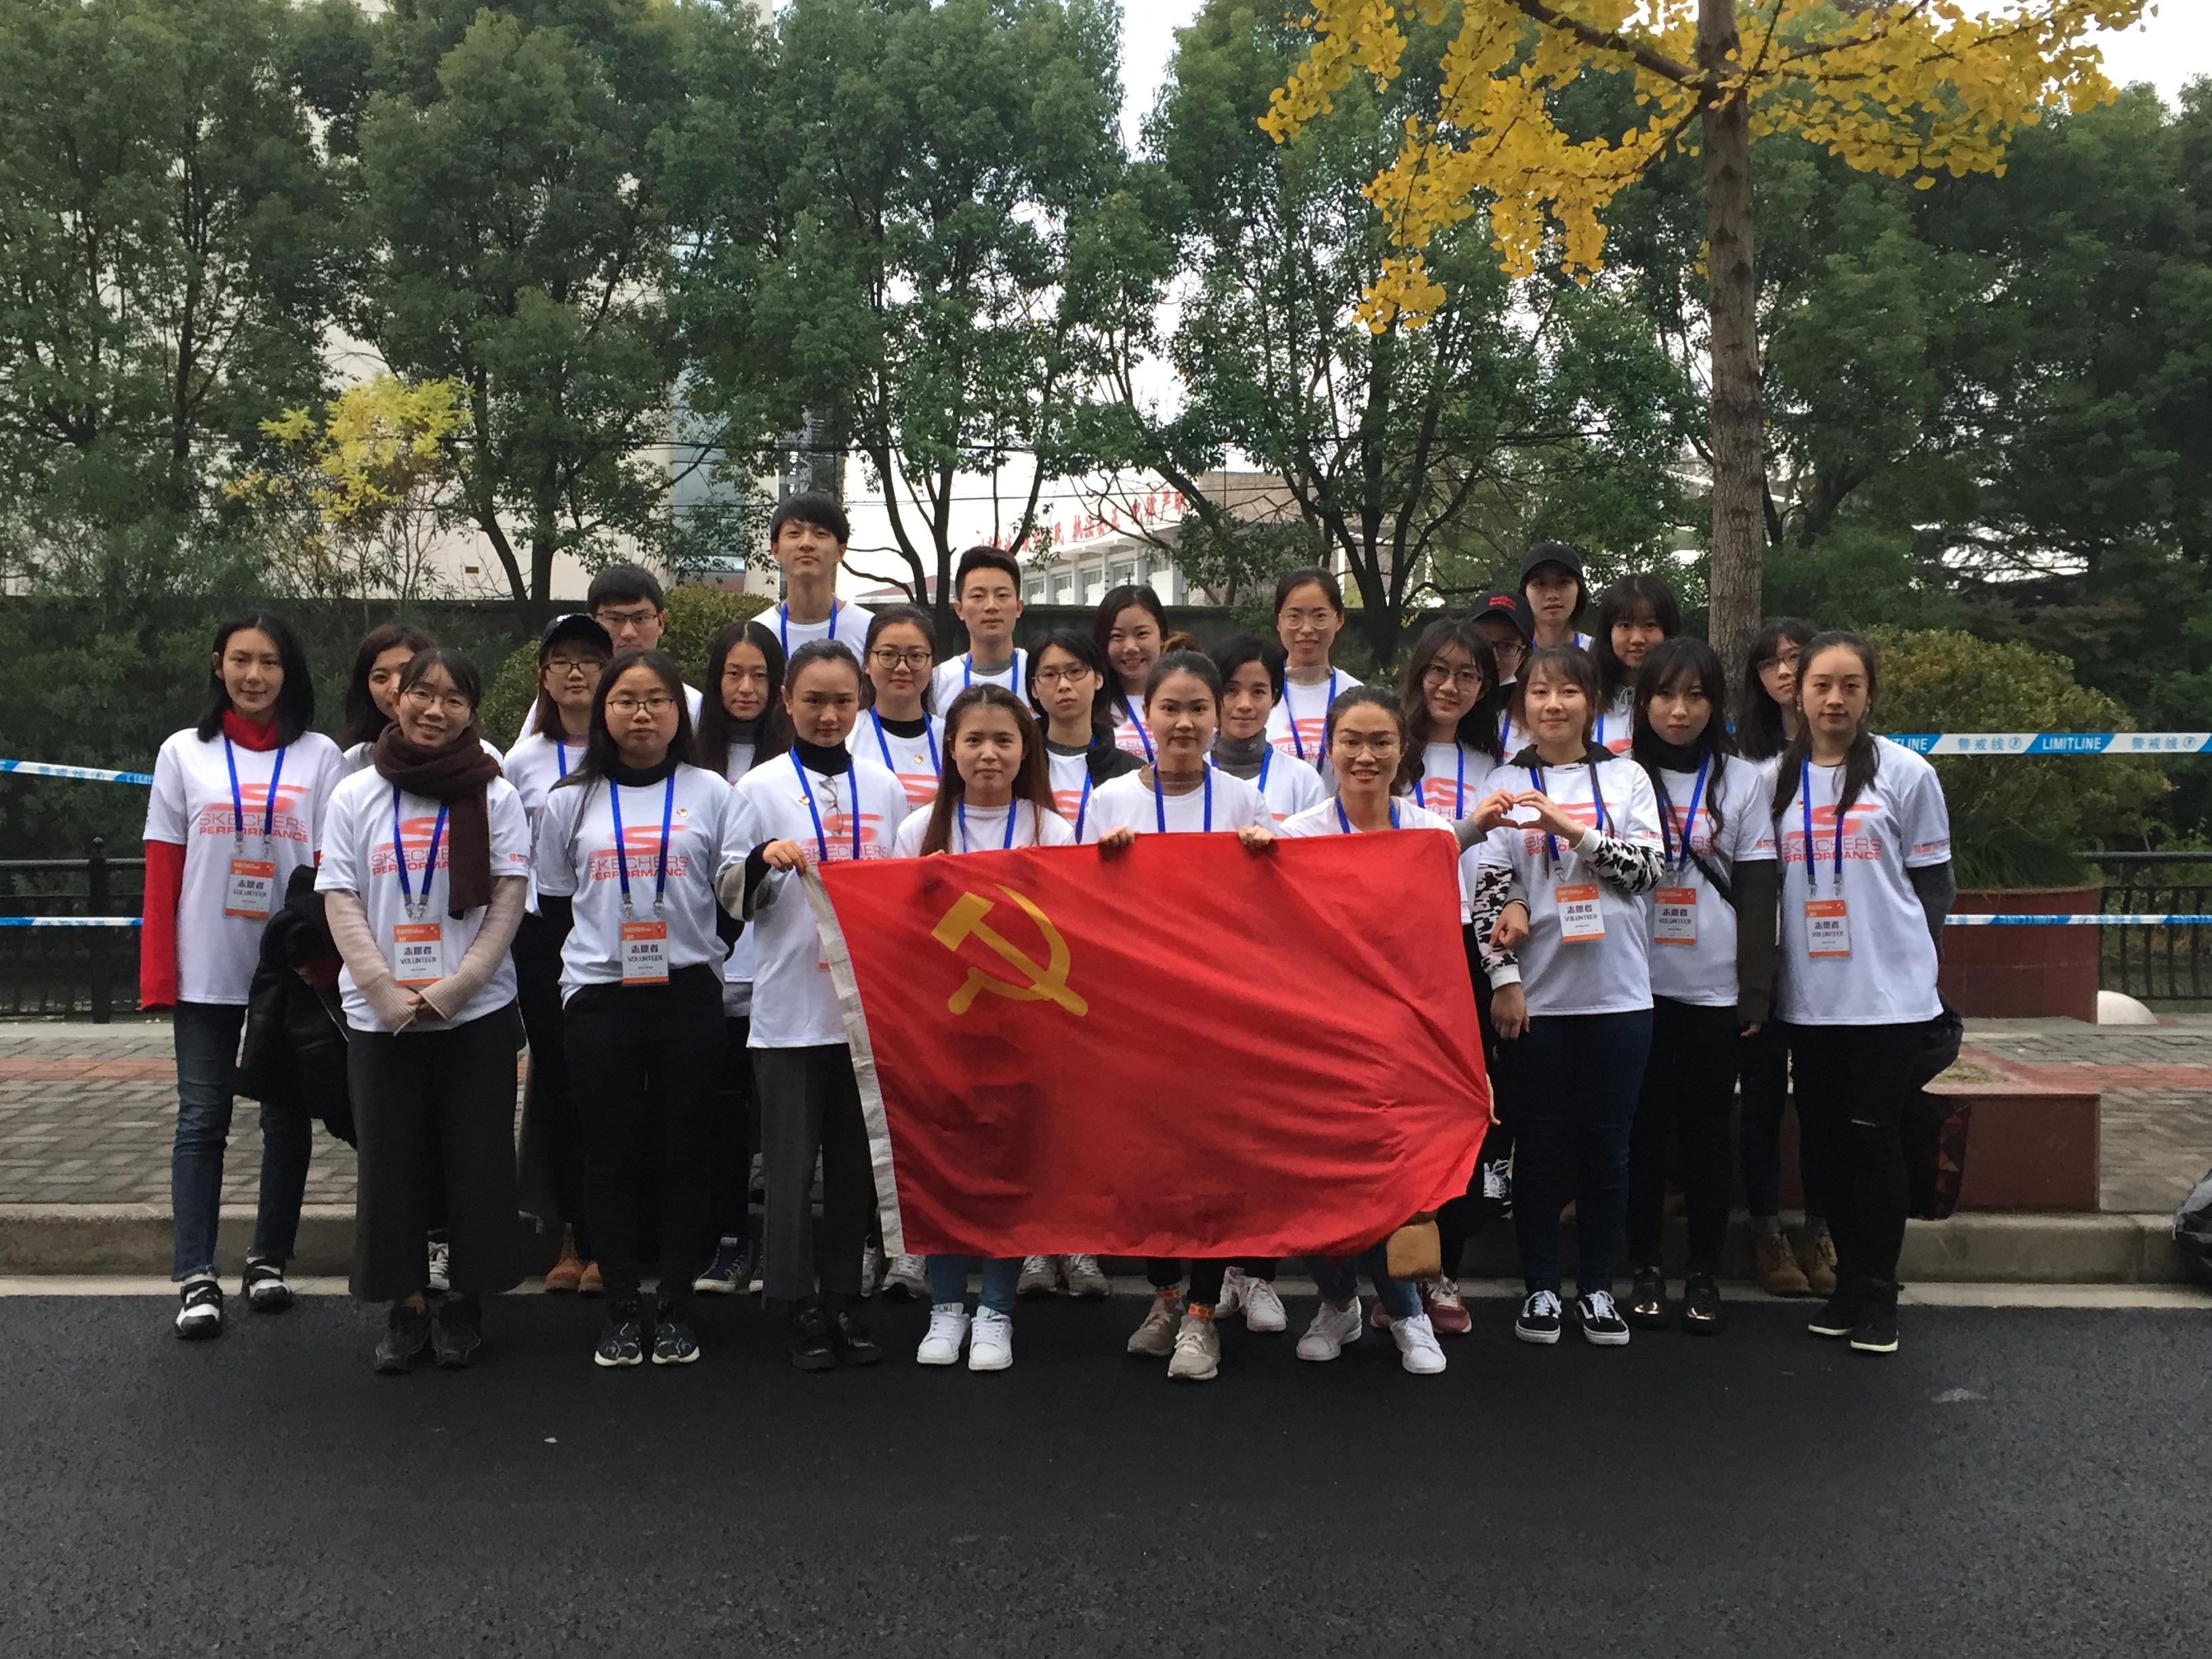 服装与艺术设计学院志愿者服务长宁国际半程马拉松赛